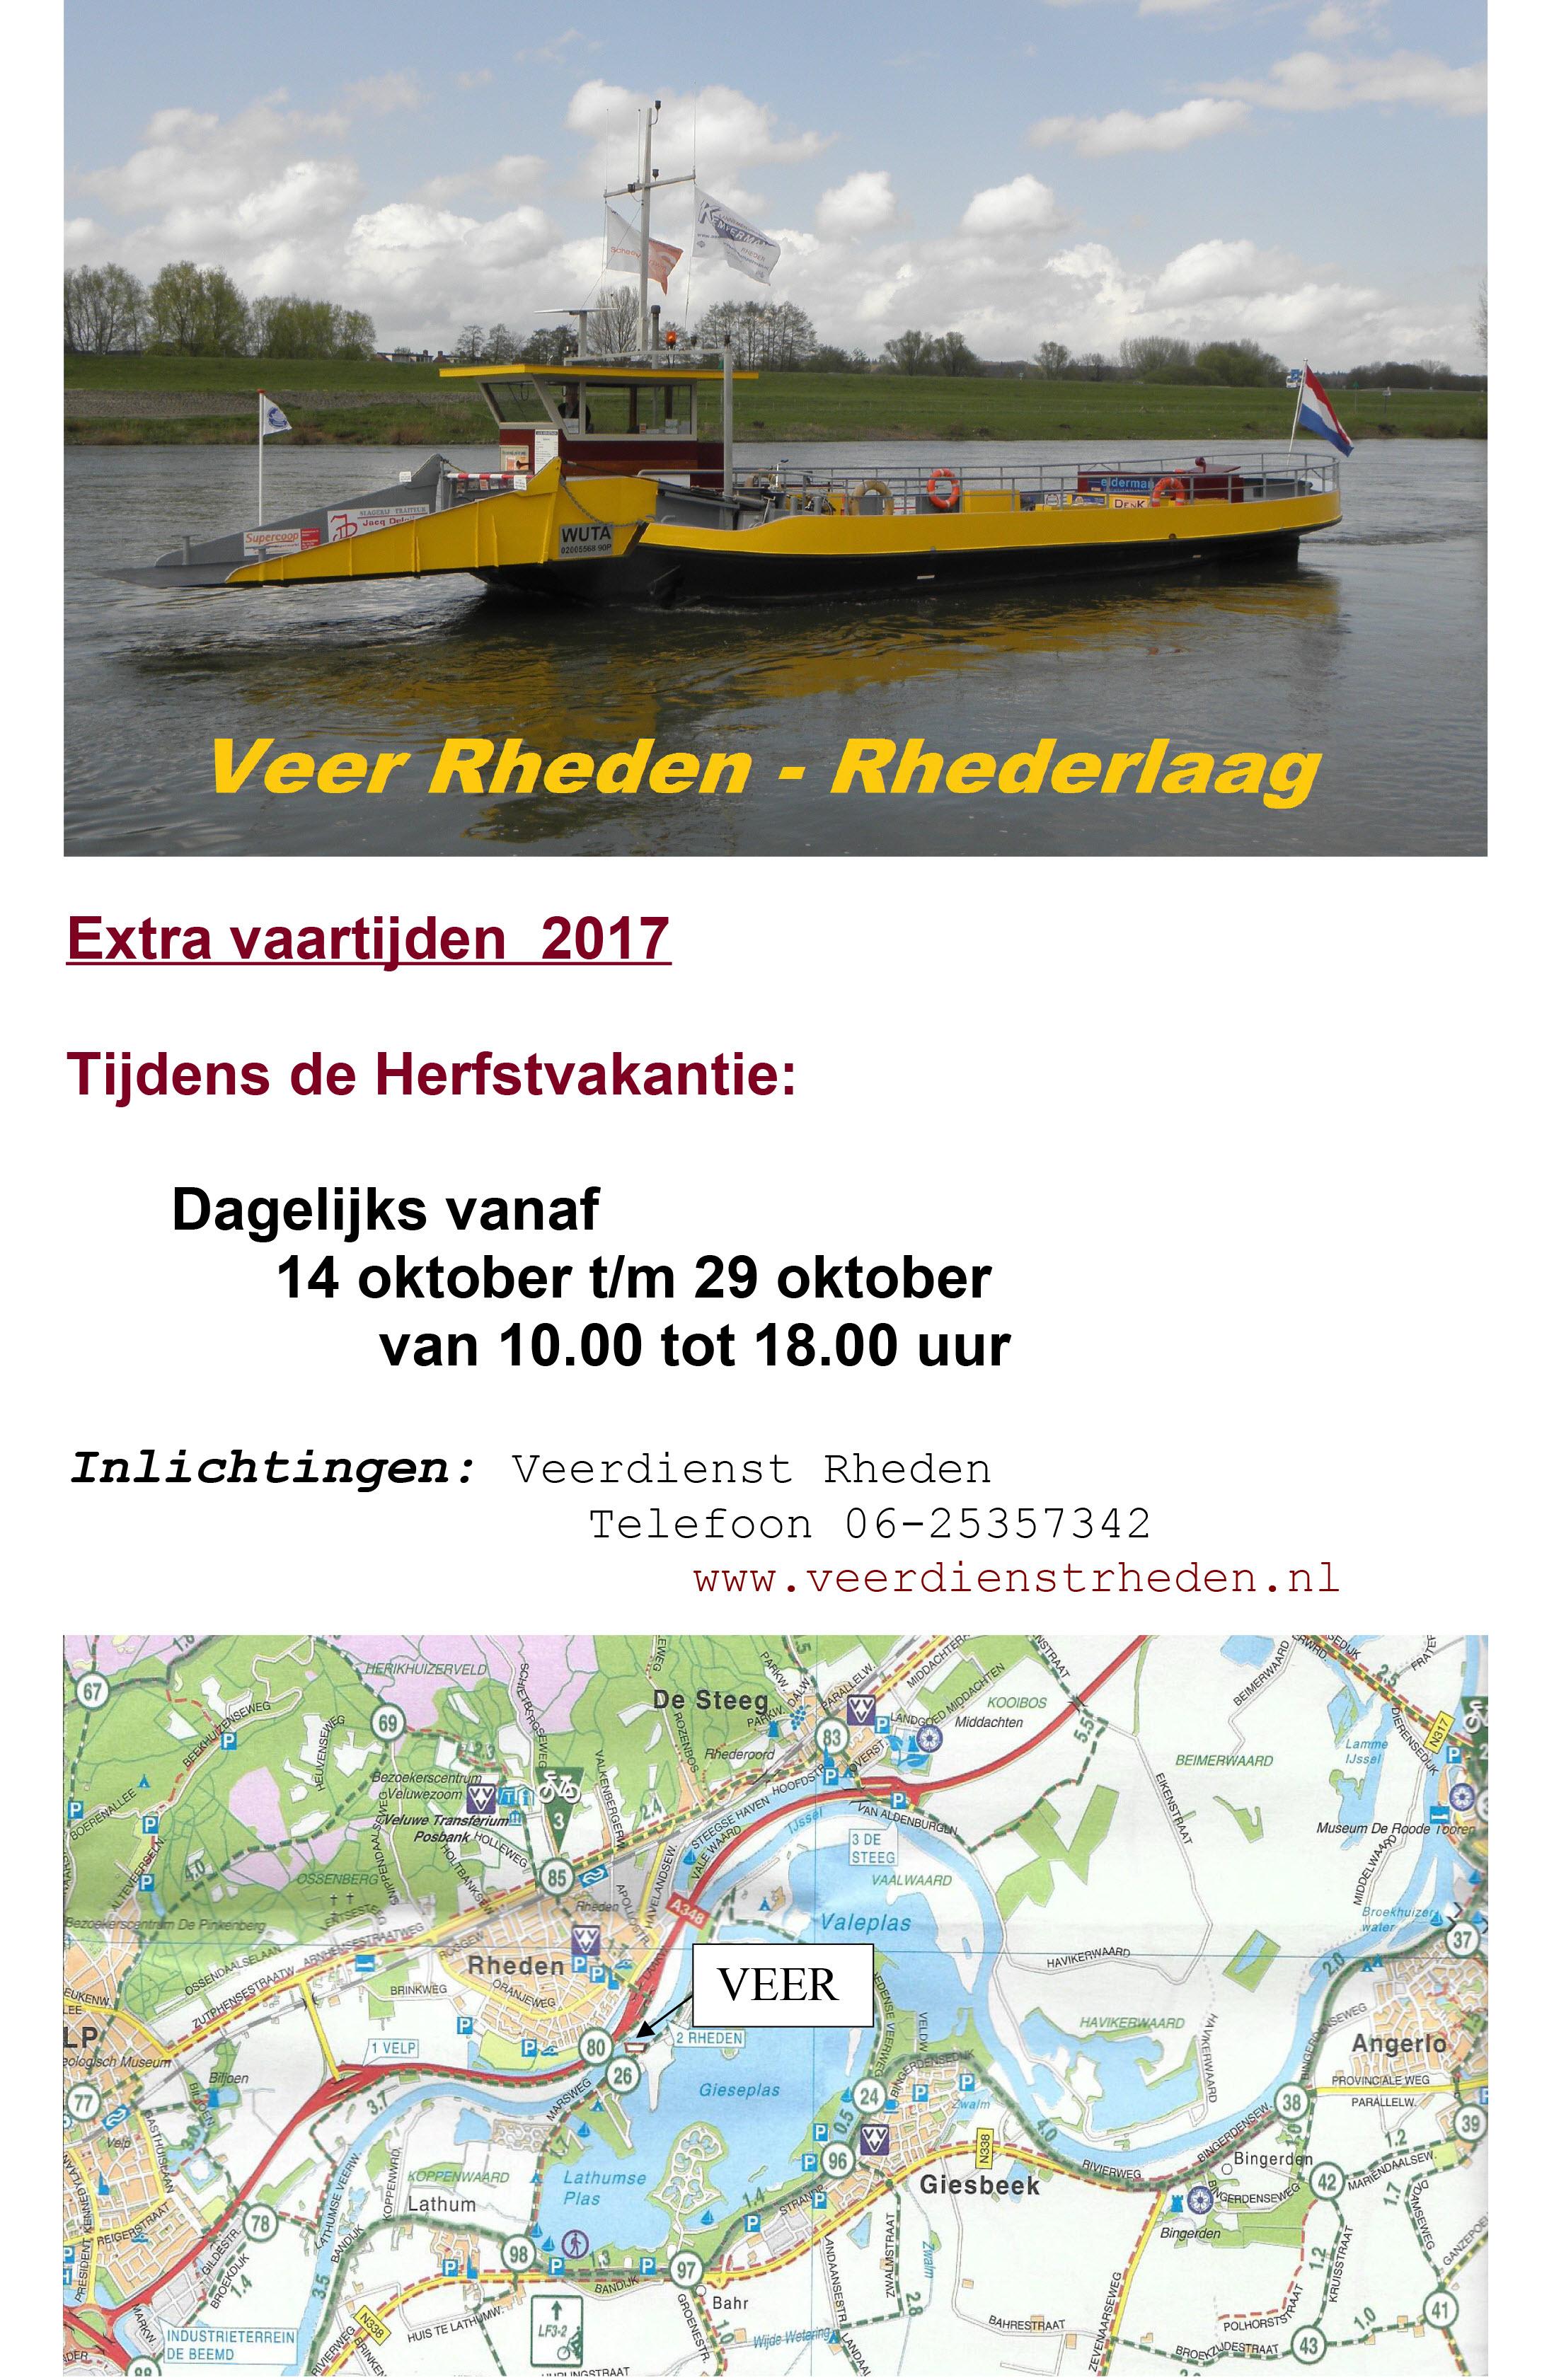 Veer Rheden - Rhederlaag